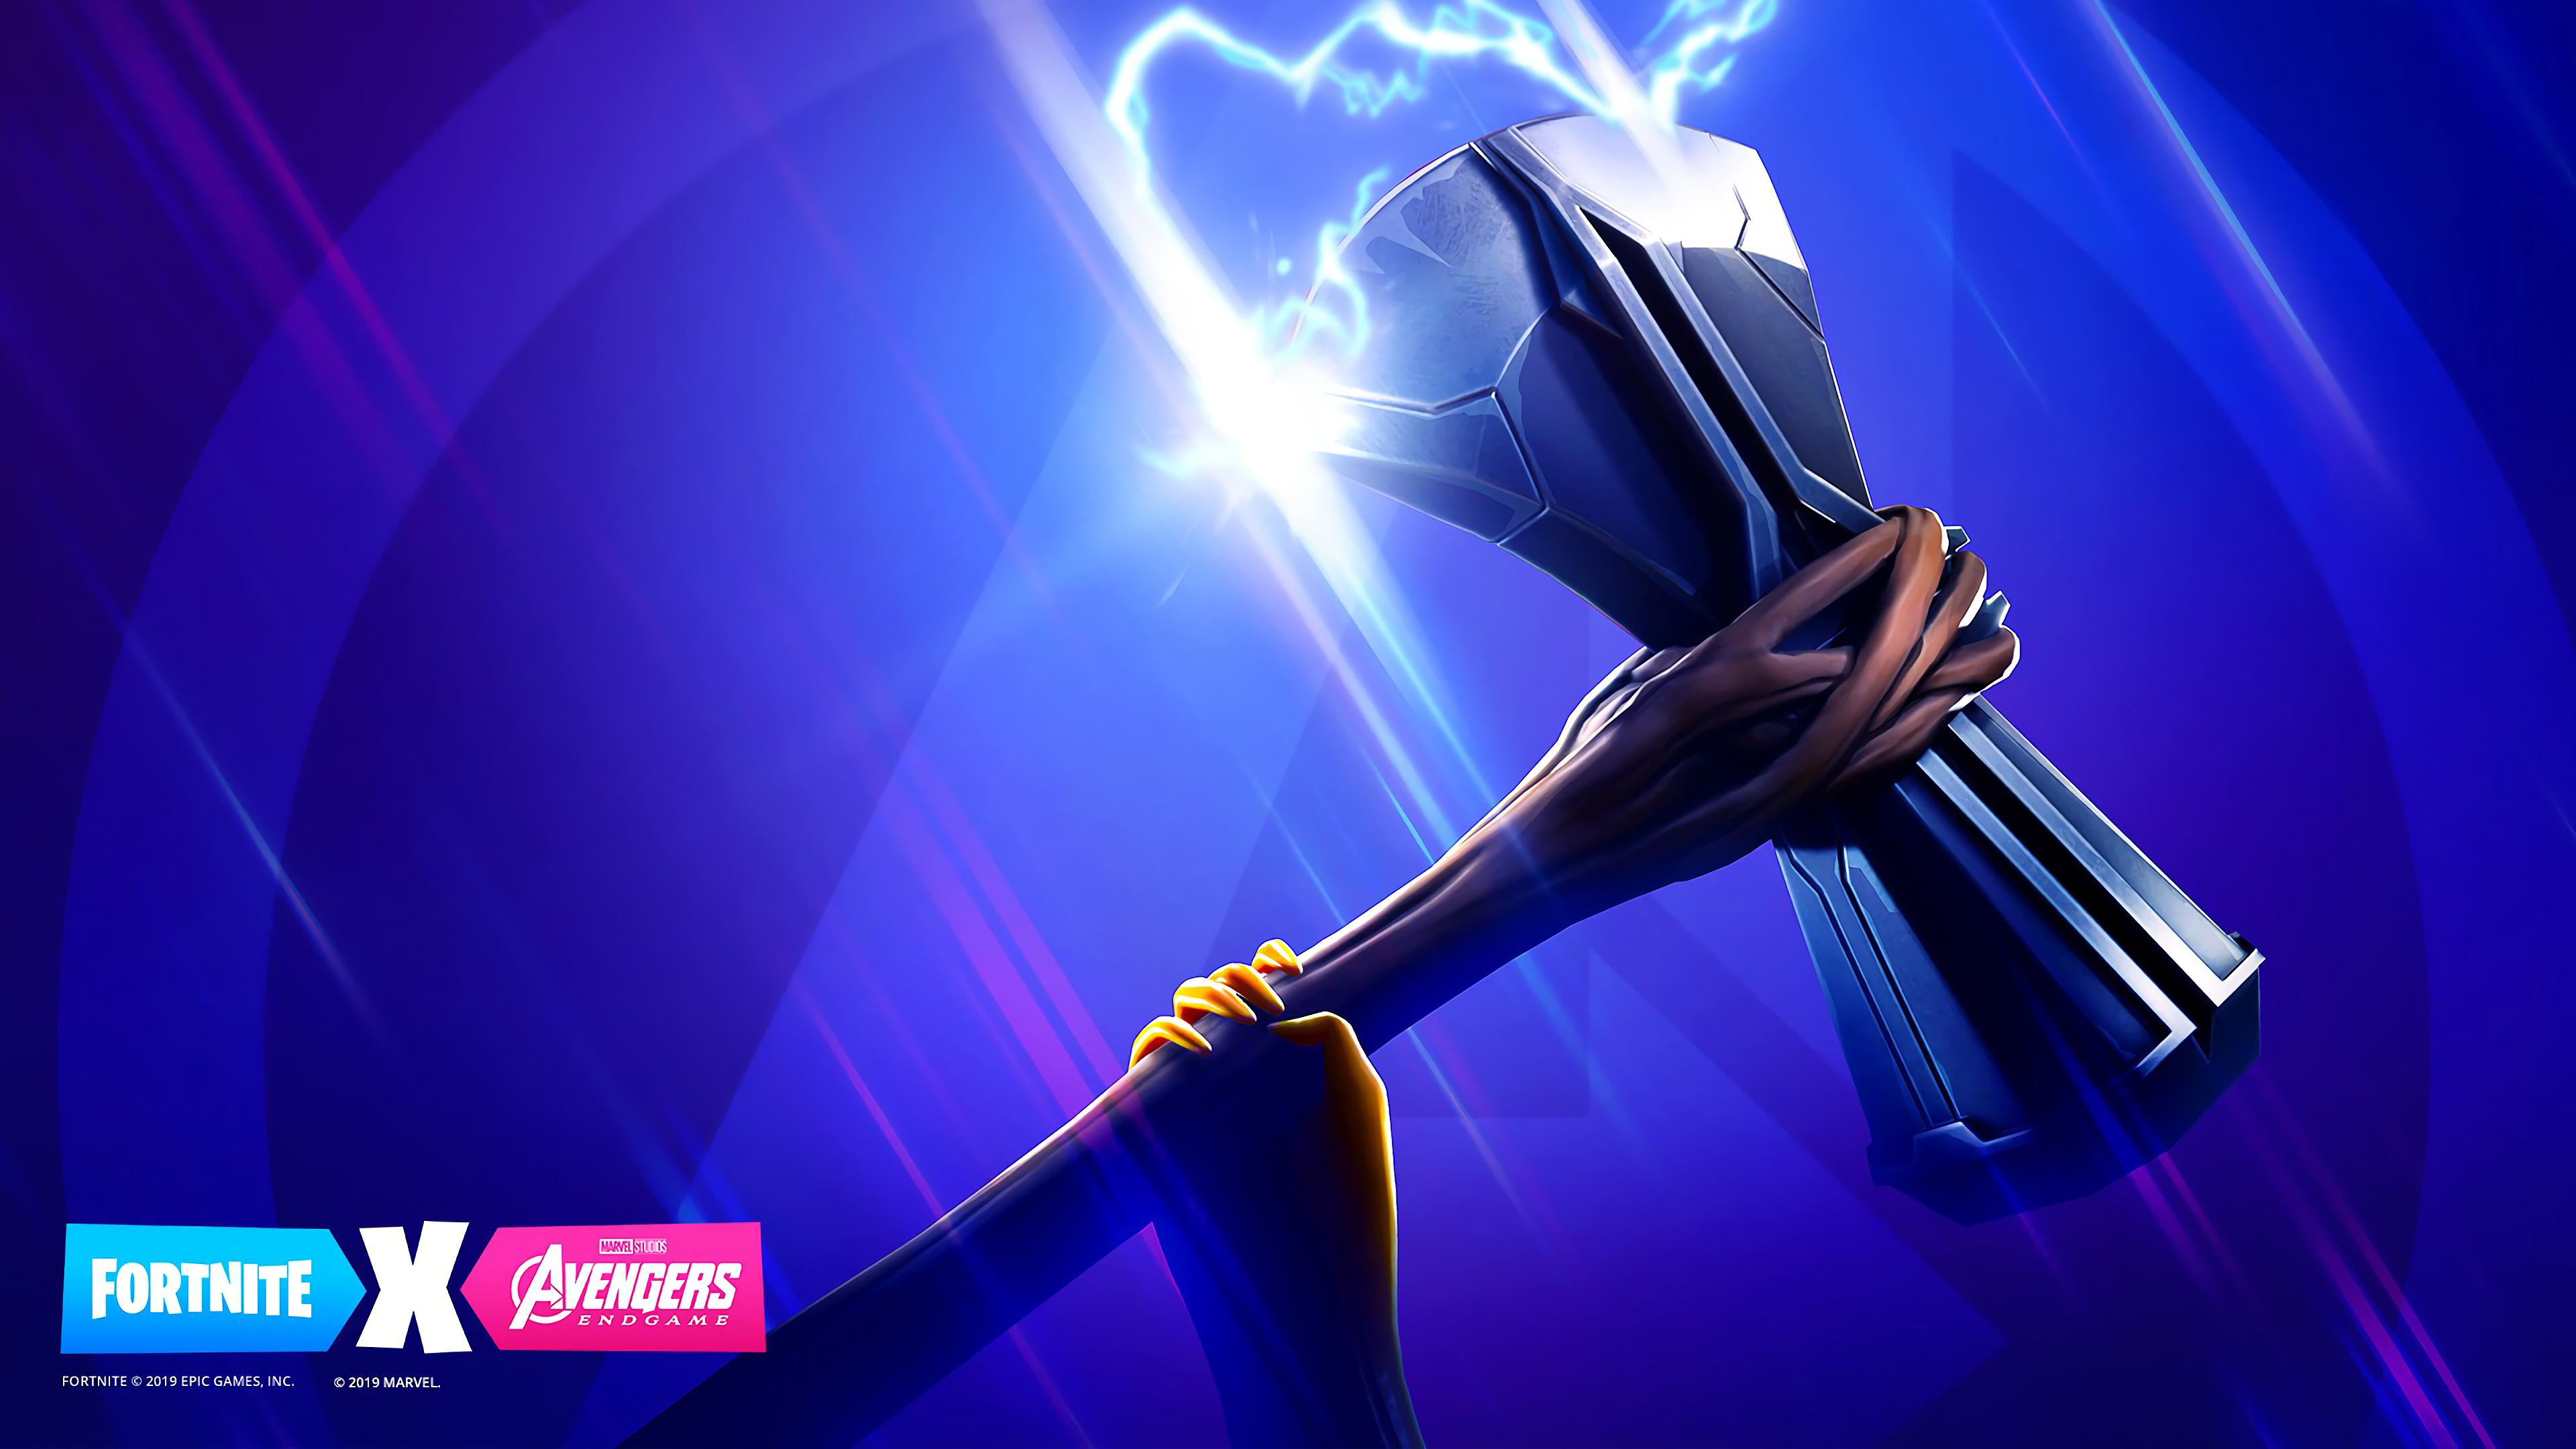 Fortnite X Avengers Stormbreaker 4k Wallpaper 176